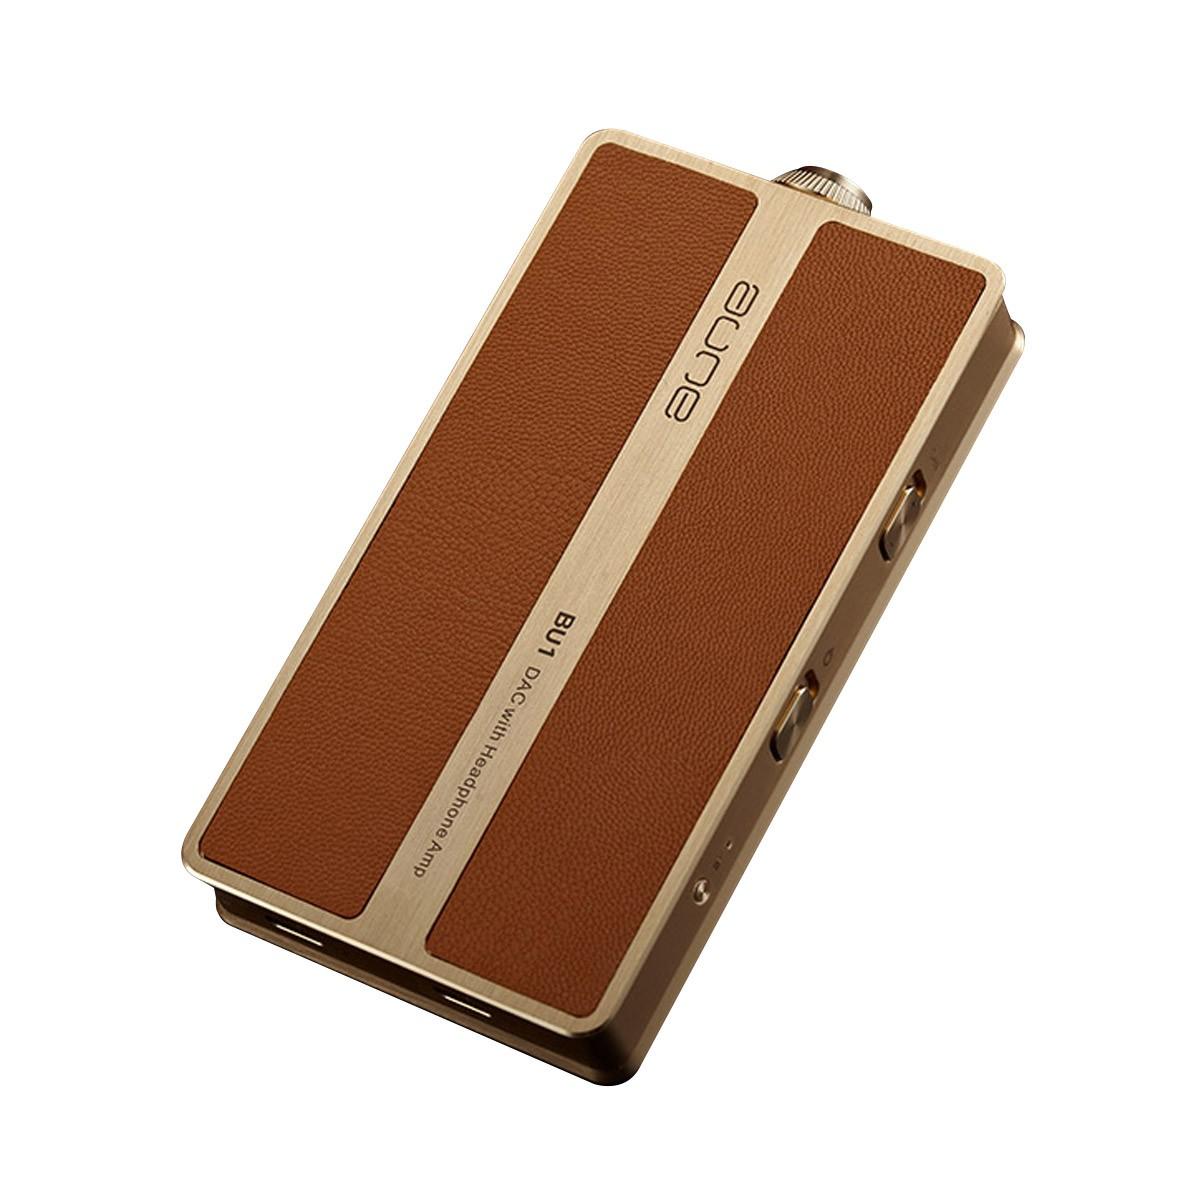 AUNE BU1 DAC Amplificateur Casque Portable Discret 32bit 768kHz DSD512